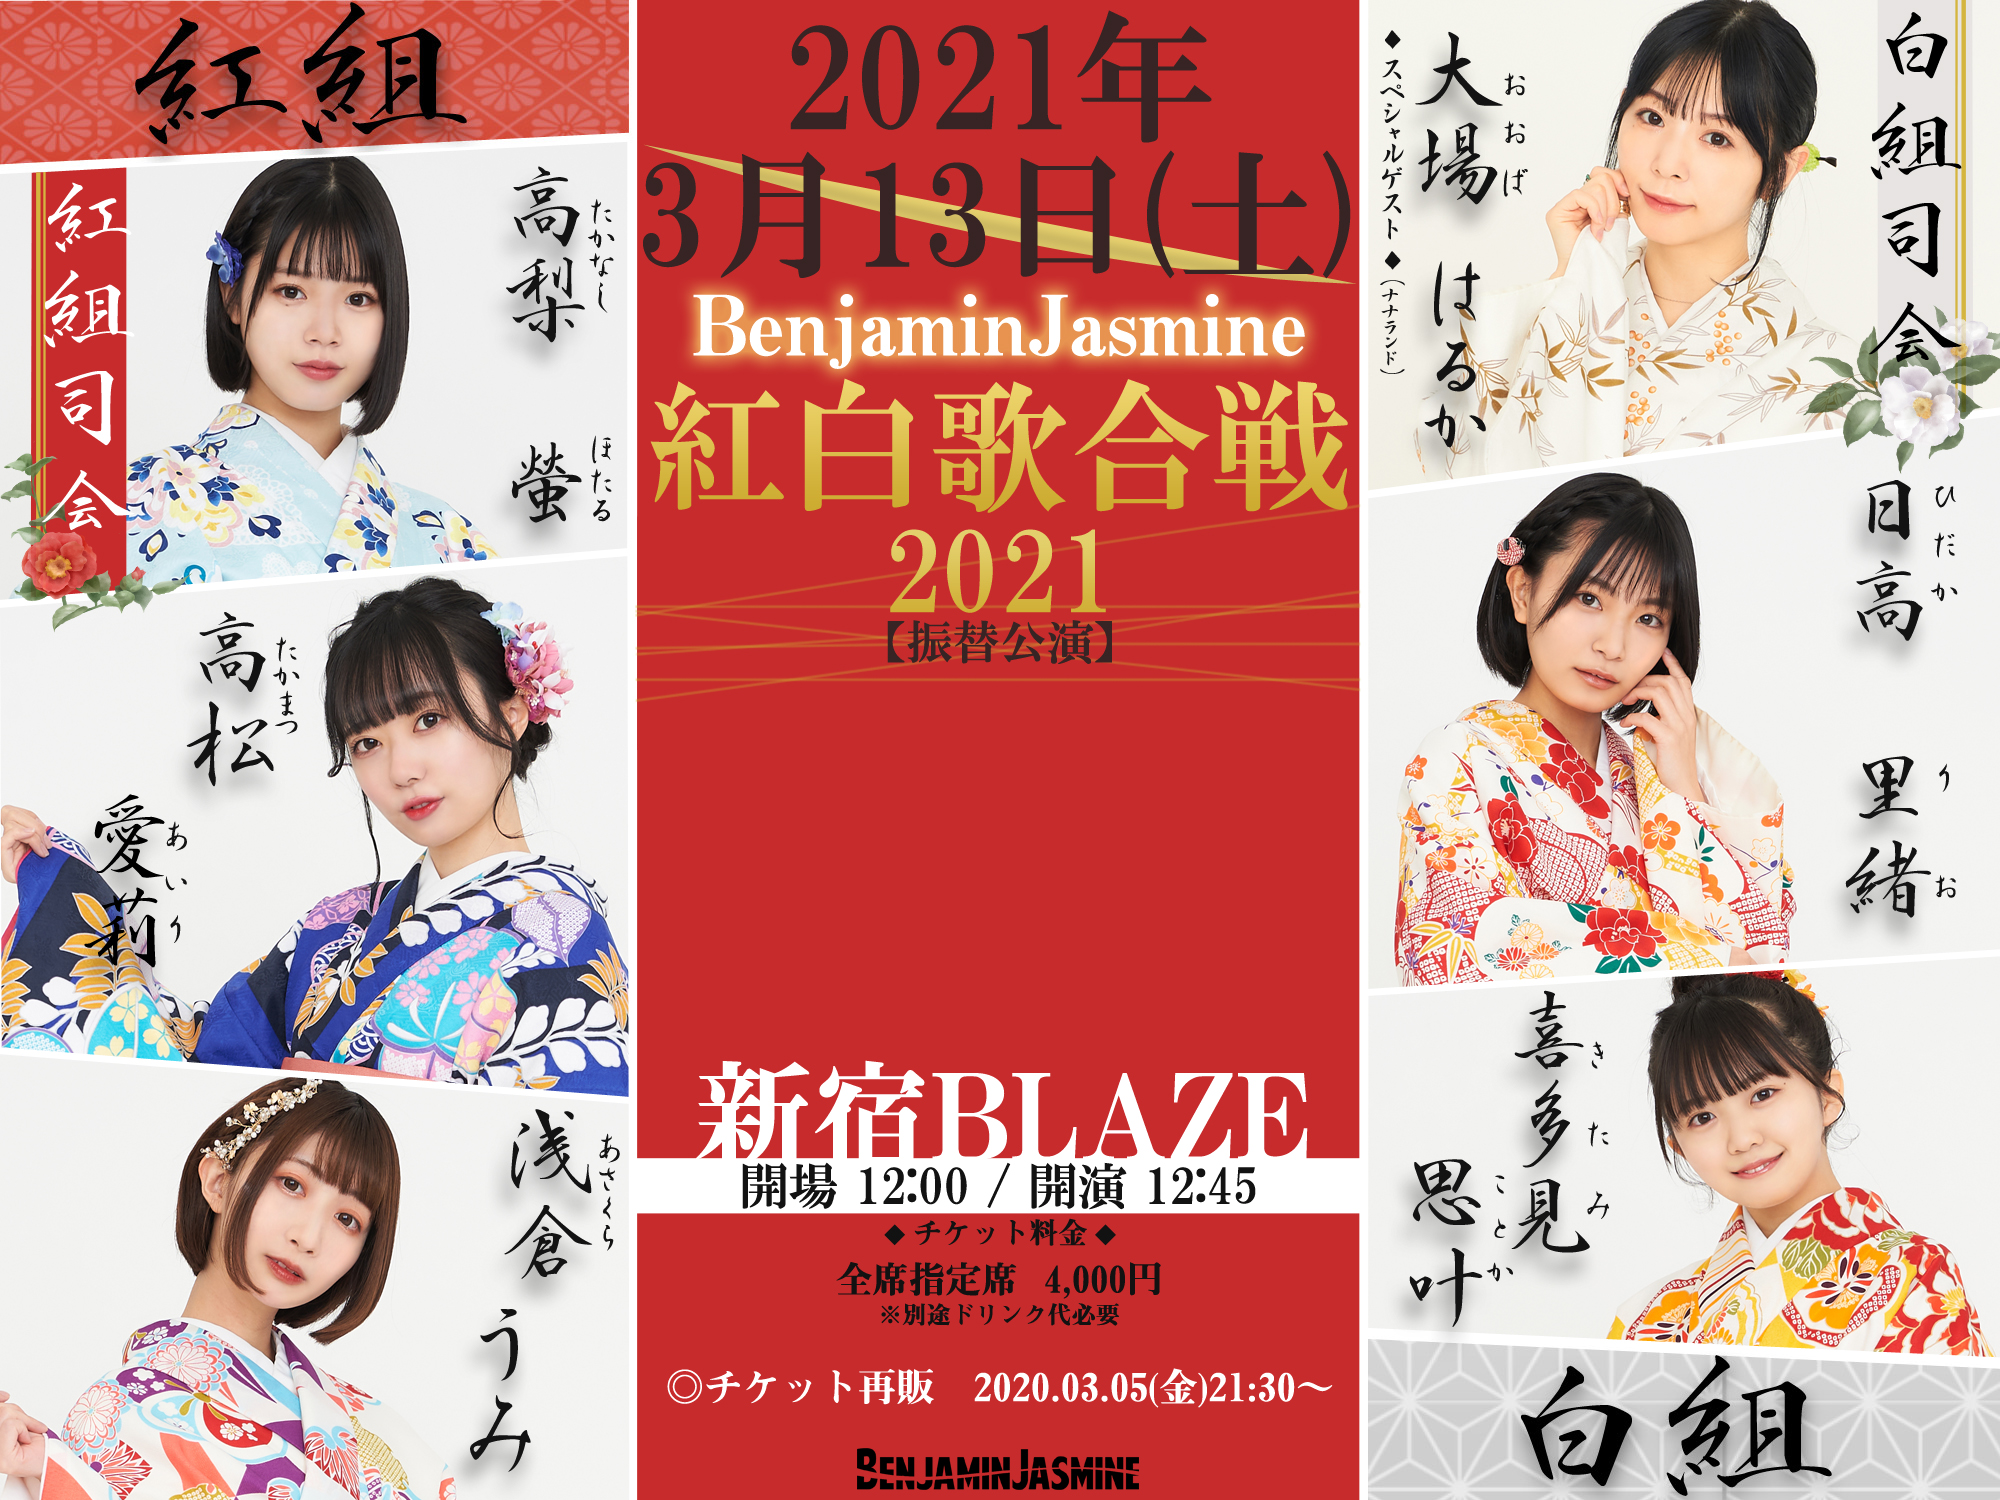 【振替公演】3月13日(土)『BenjaminJasmine紅白歌合戦2021』